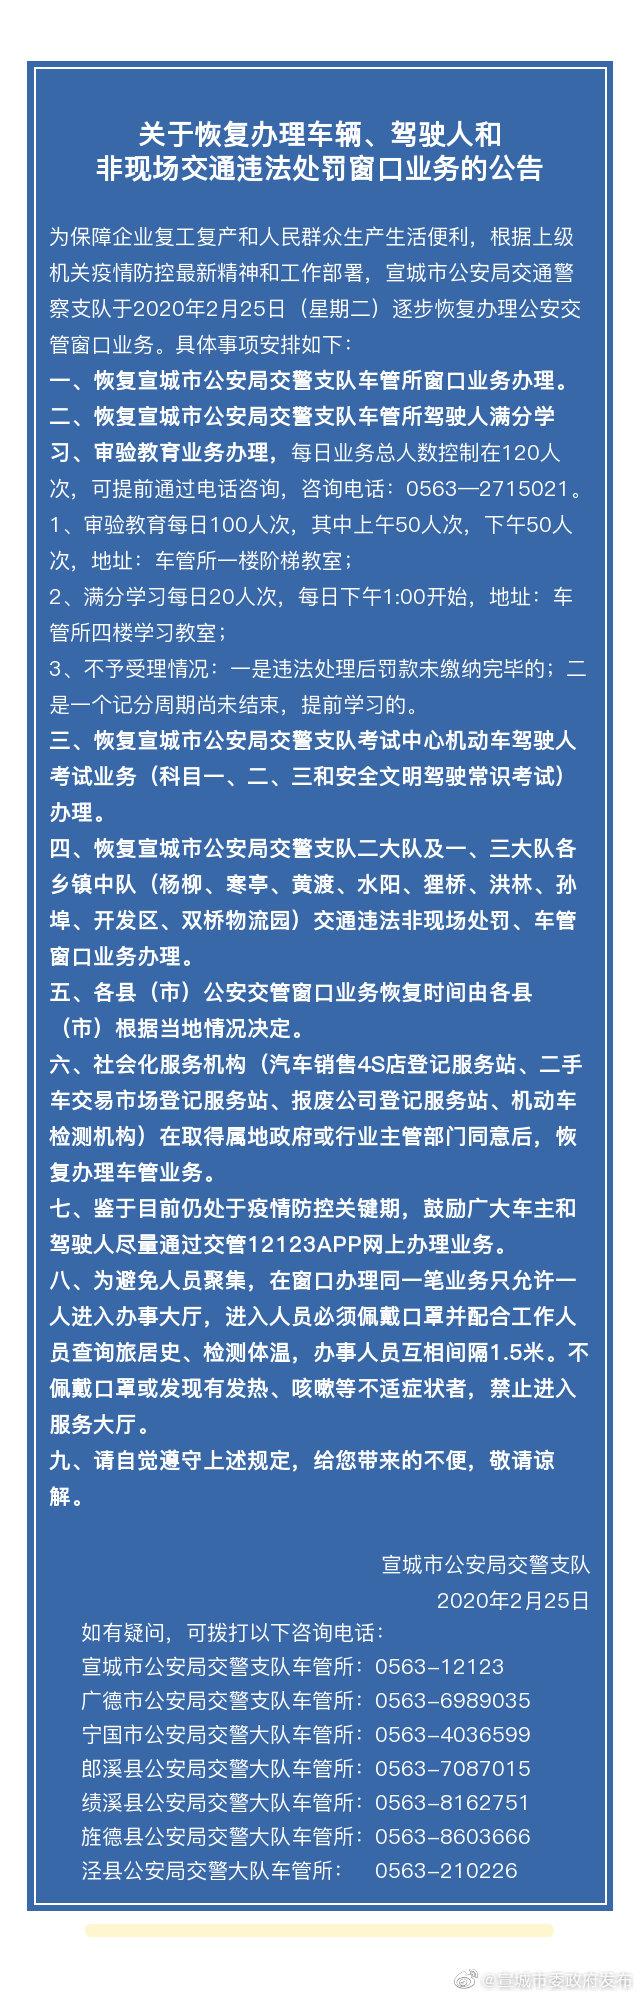 关于恢复办理车辆、驾驶人和非现场交通违法处罚窗口业务的公告